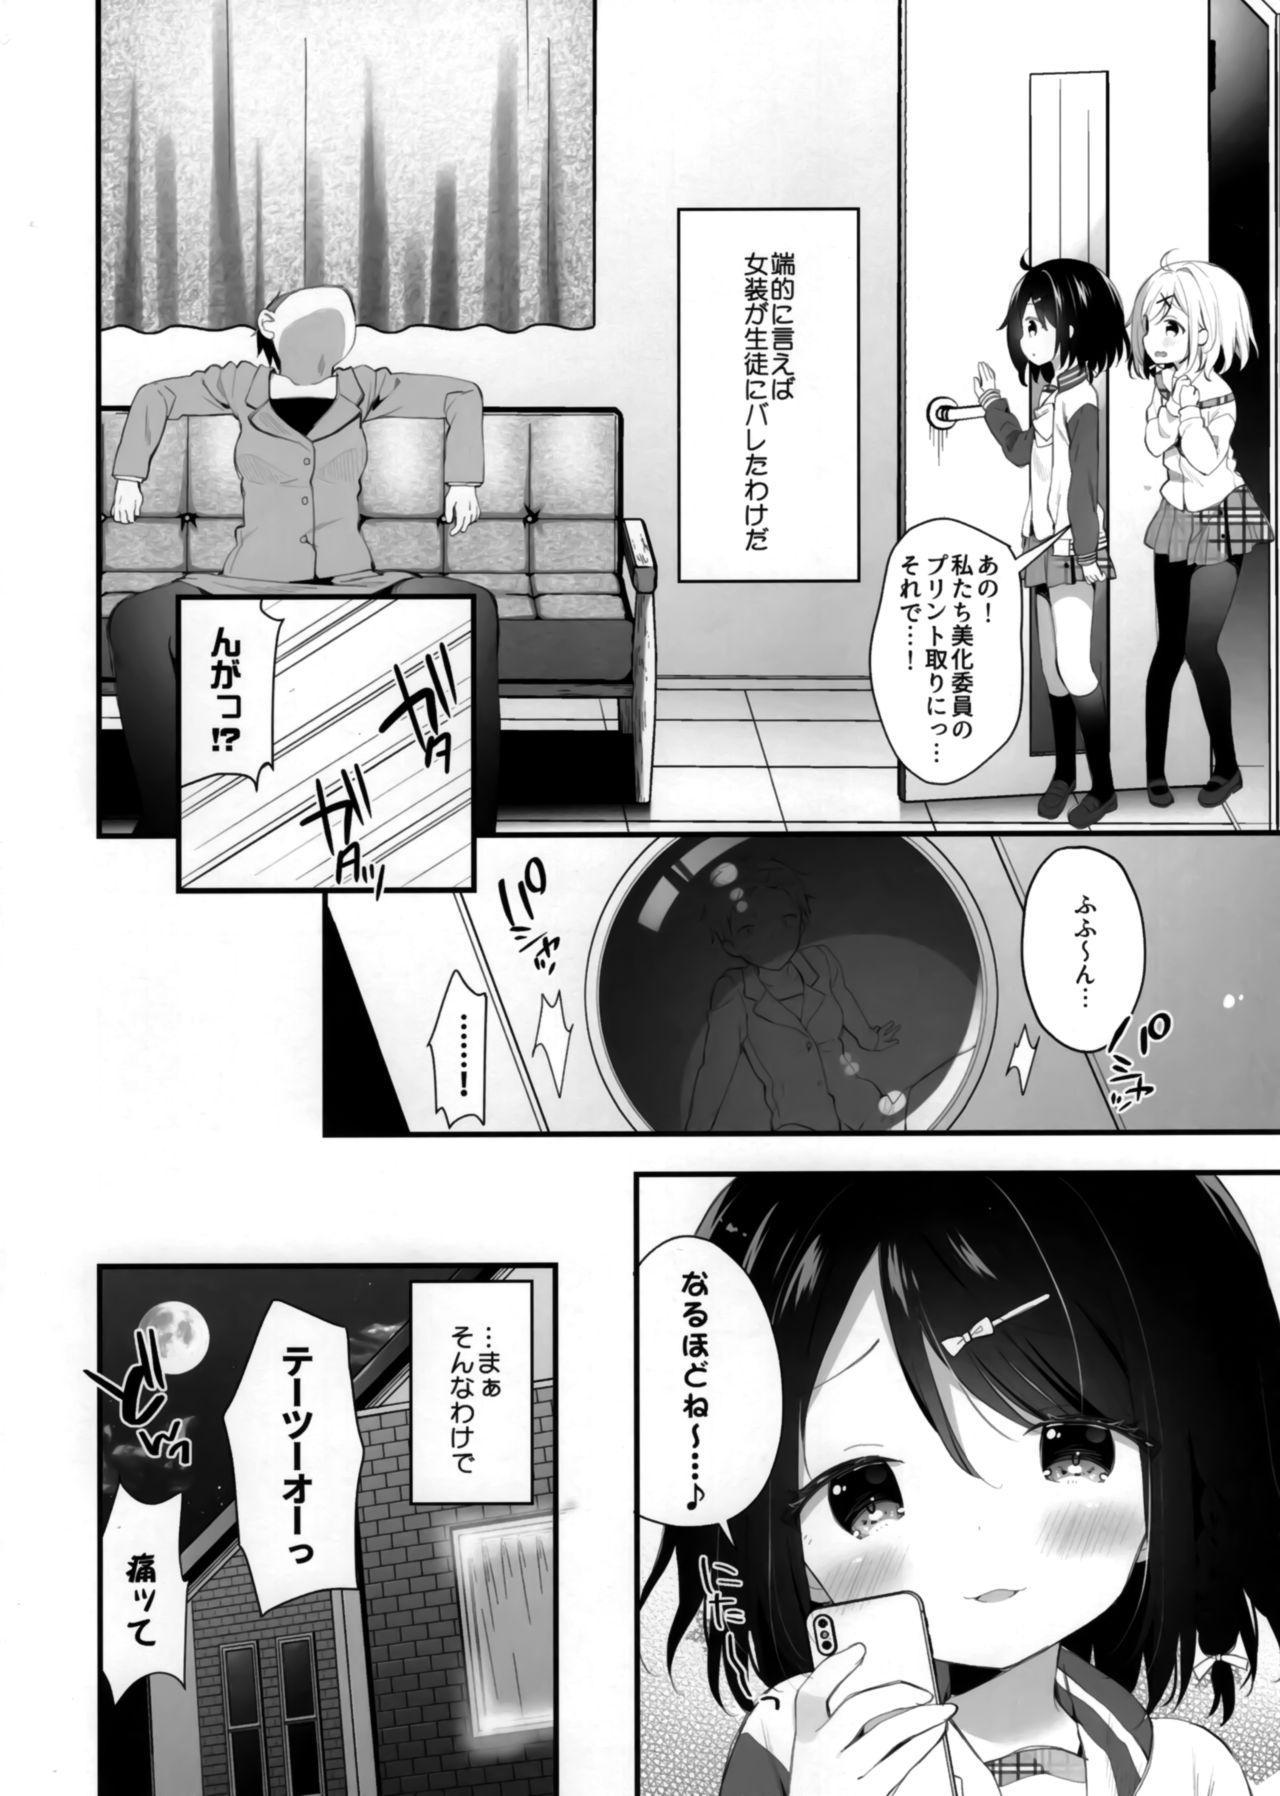 Futago-chan ni wa sakaraena i~tsu! 5